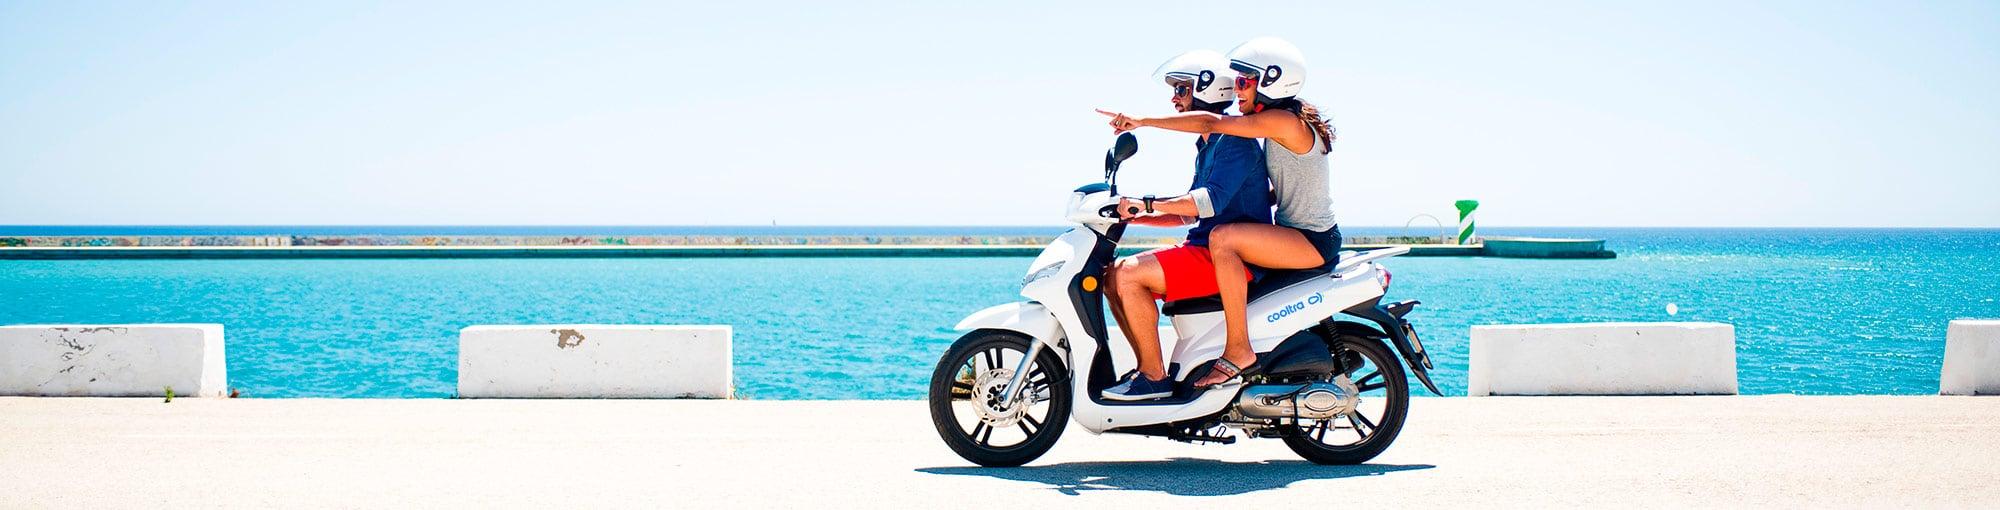 Alquiler de motos por días - Cooltra, líder en movilidad